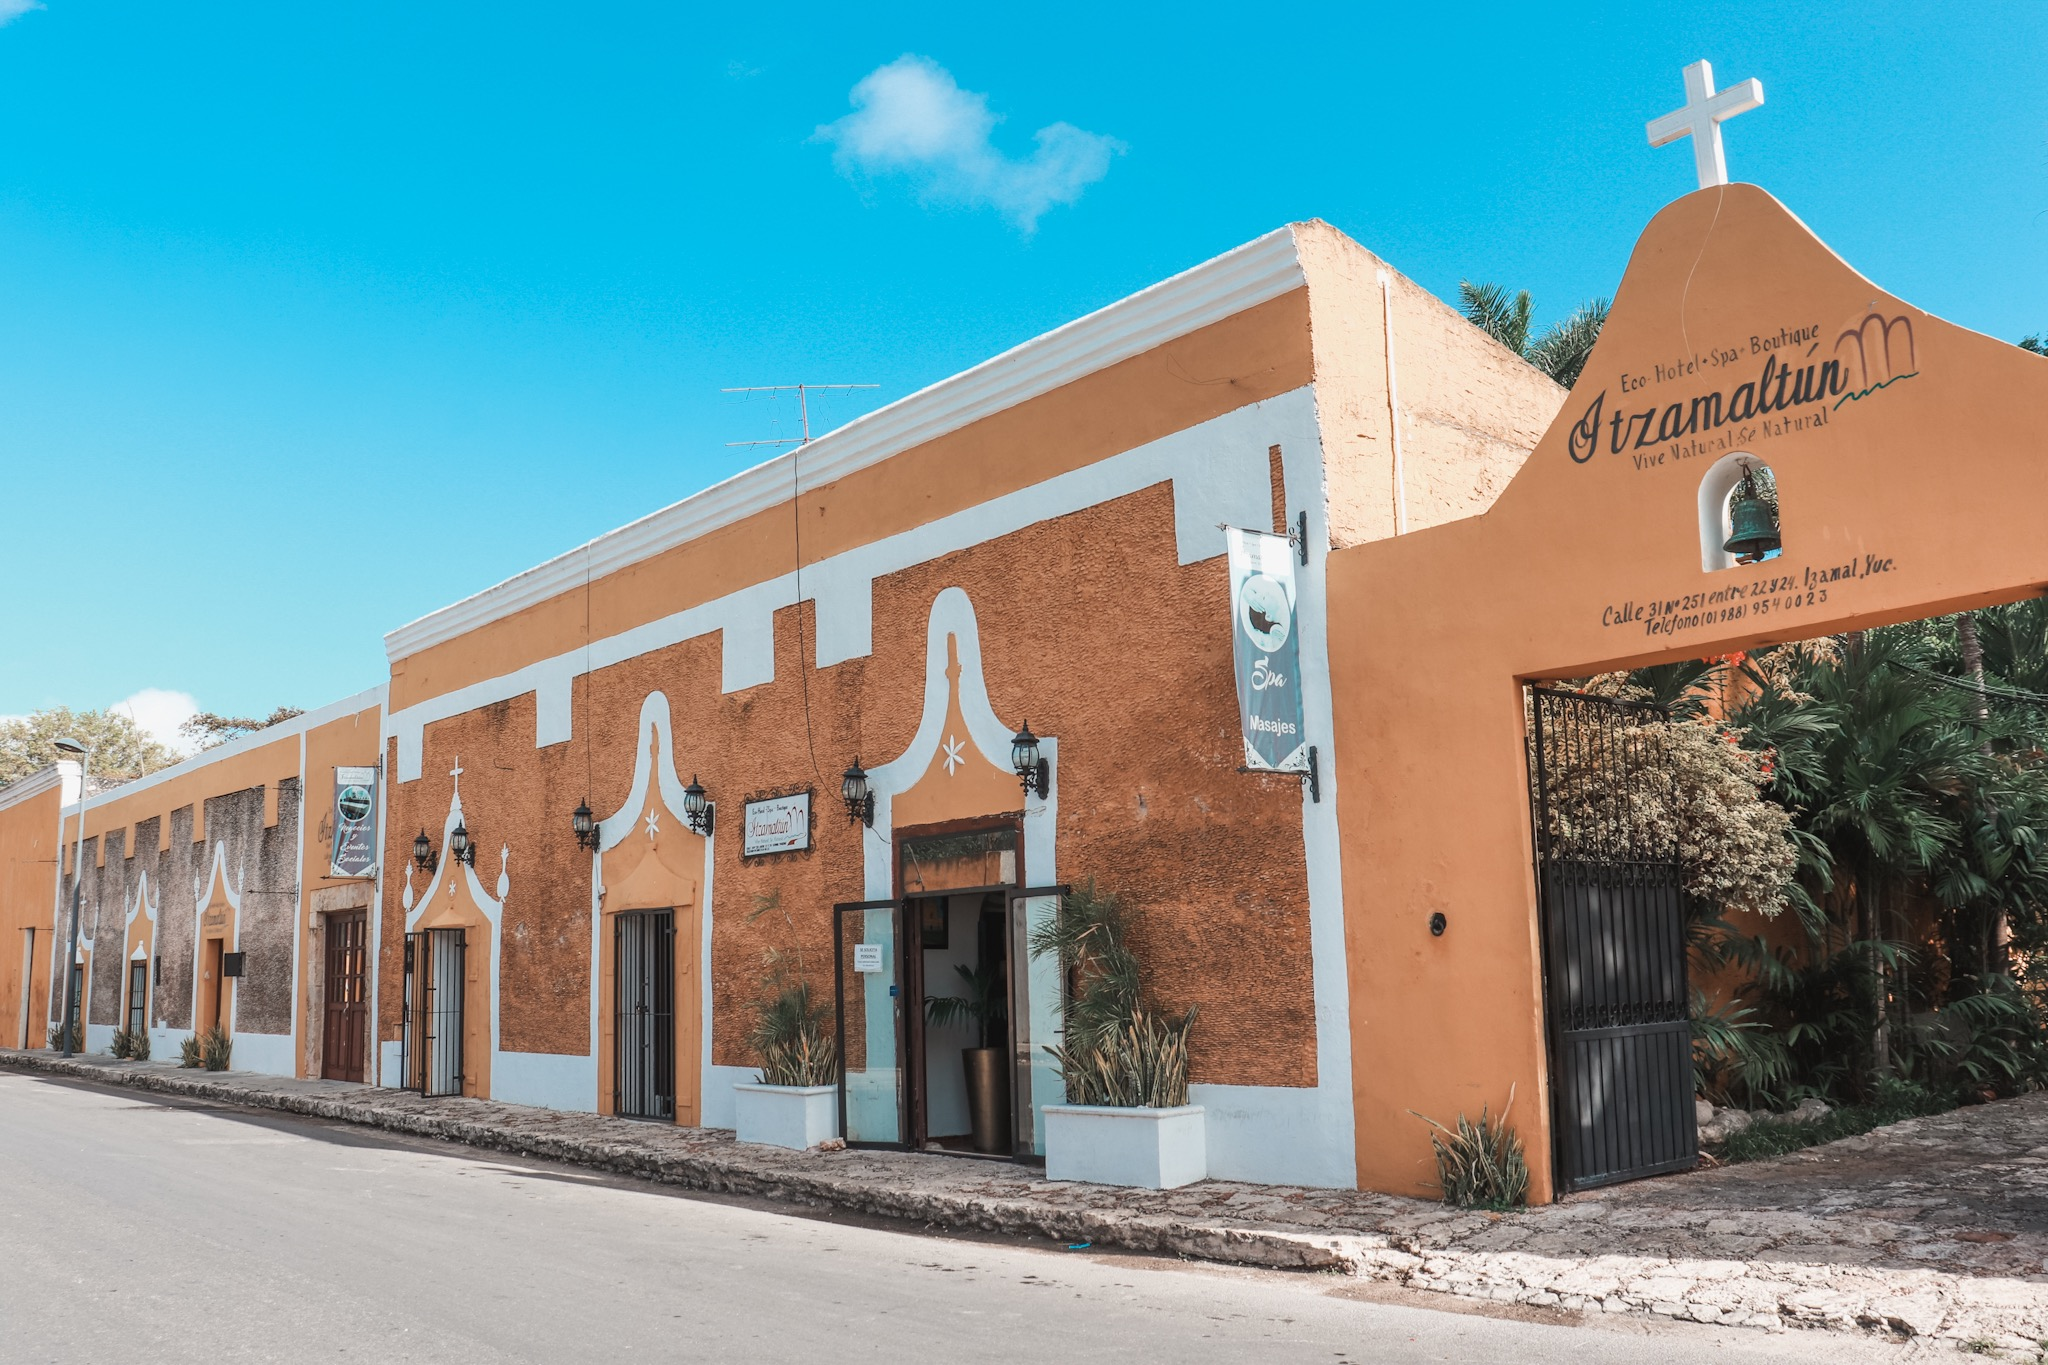 ECO-Hotel Itzamaltún